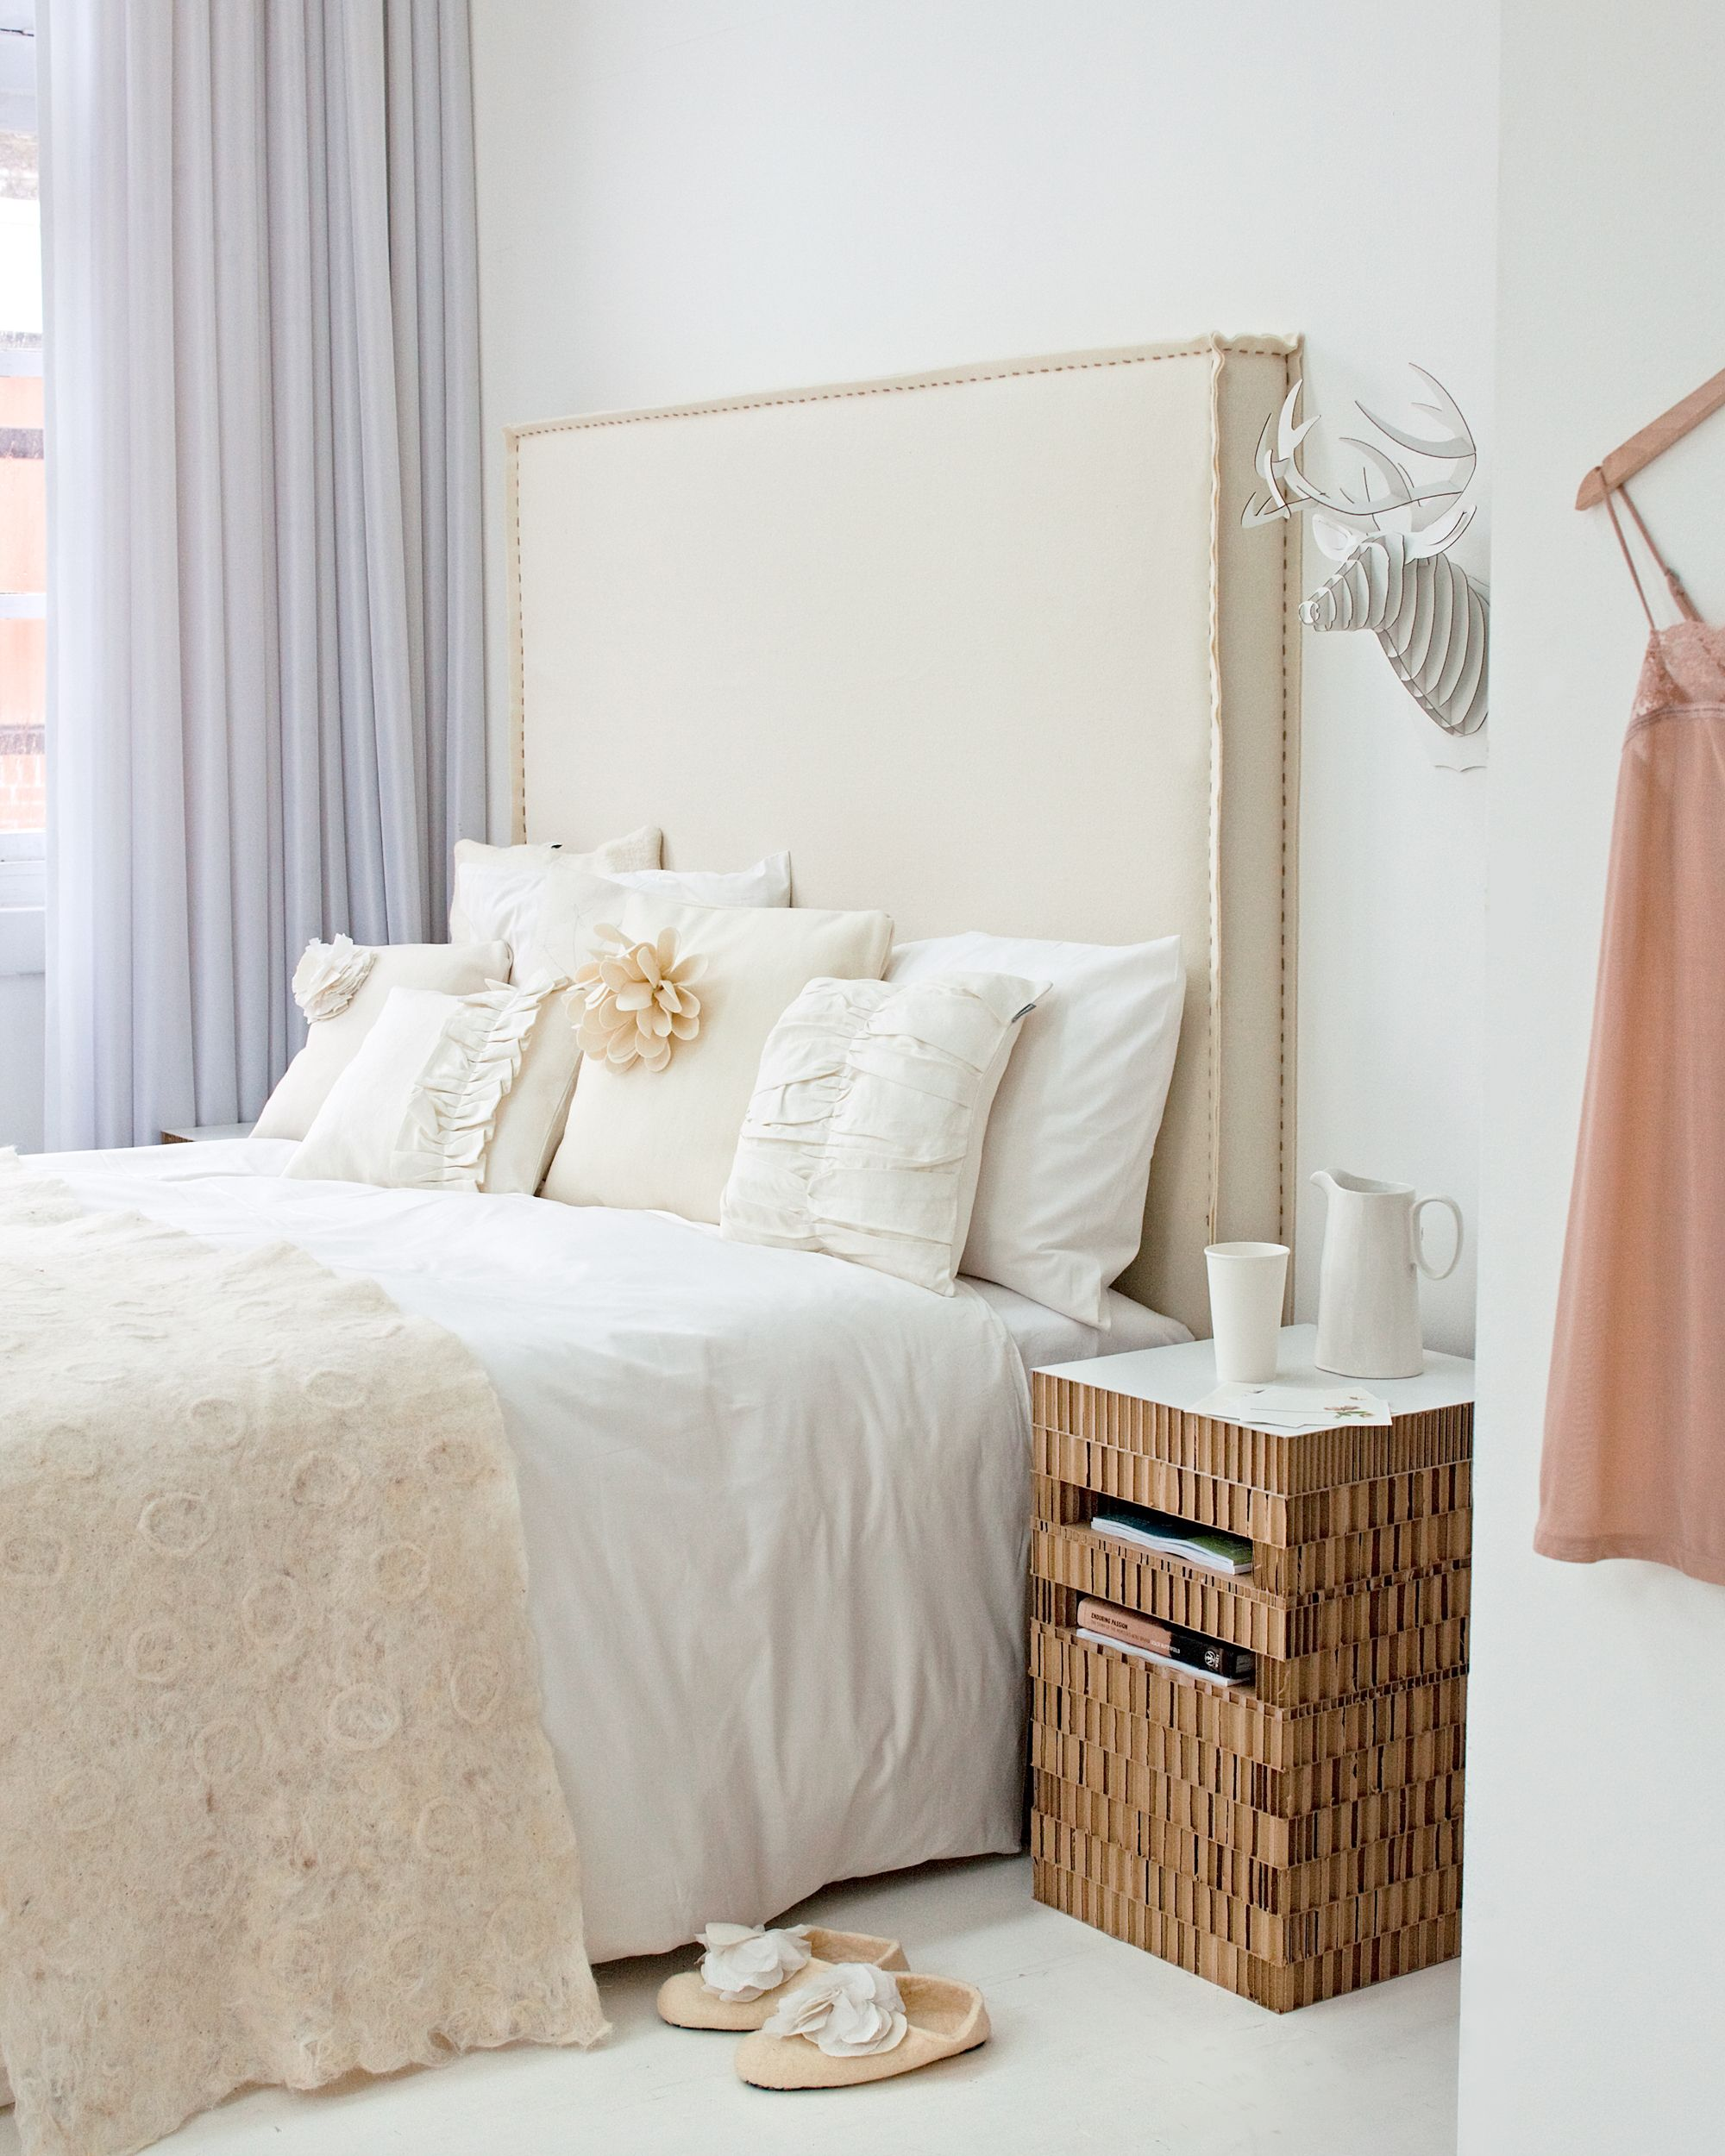 Hoofdbord Bed Bekleden.Vt Wonen Zelf Bed Hoofdeinde Maken Nieuw Huis Home Bedroom